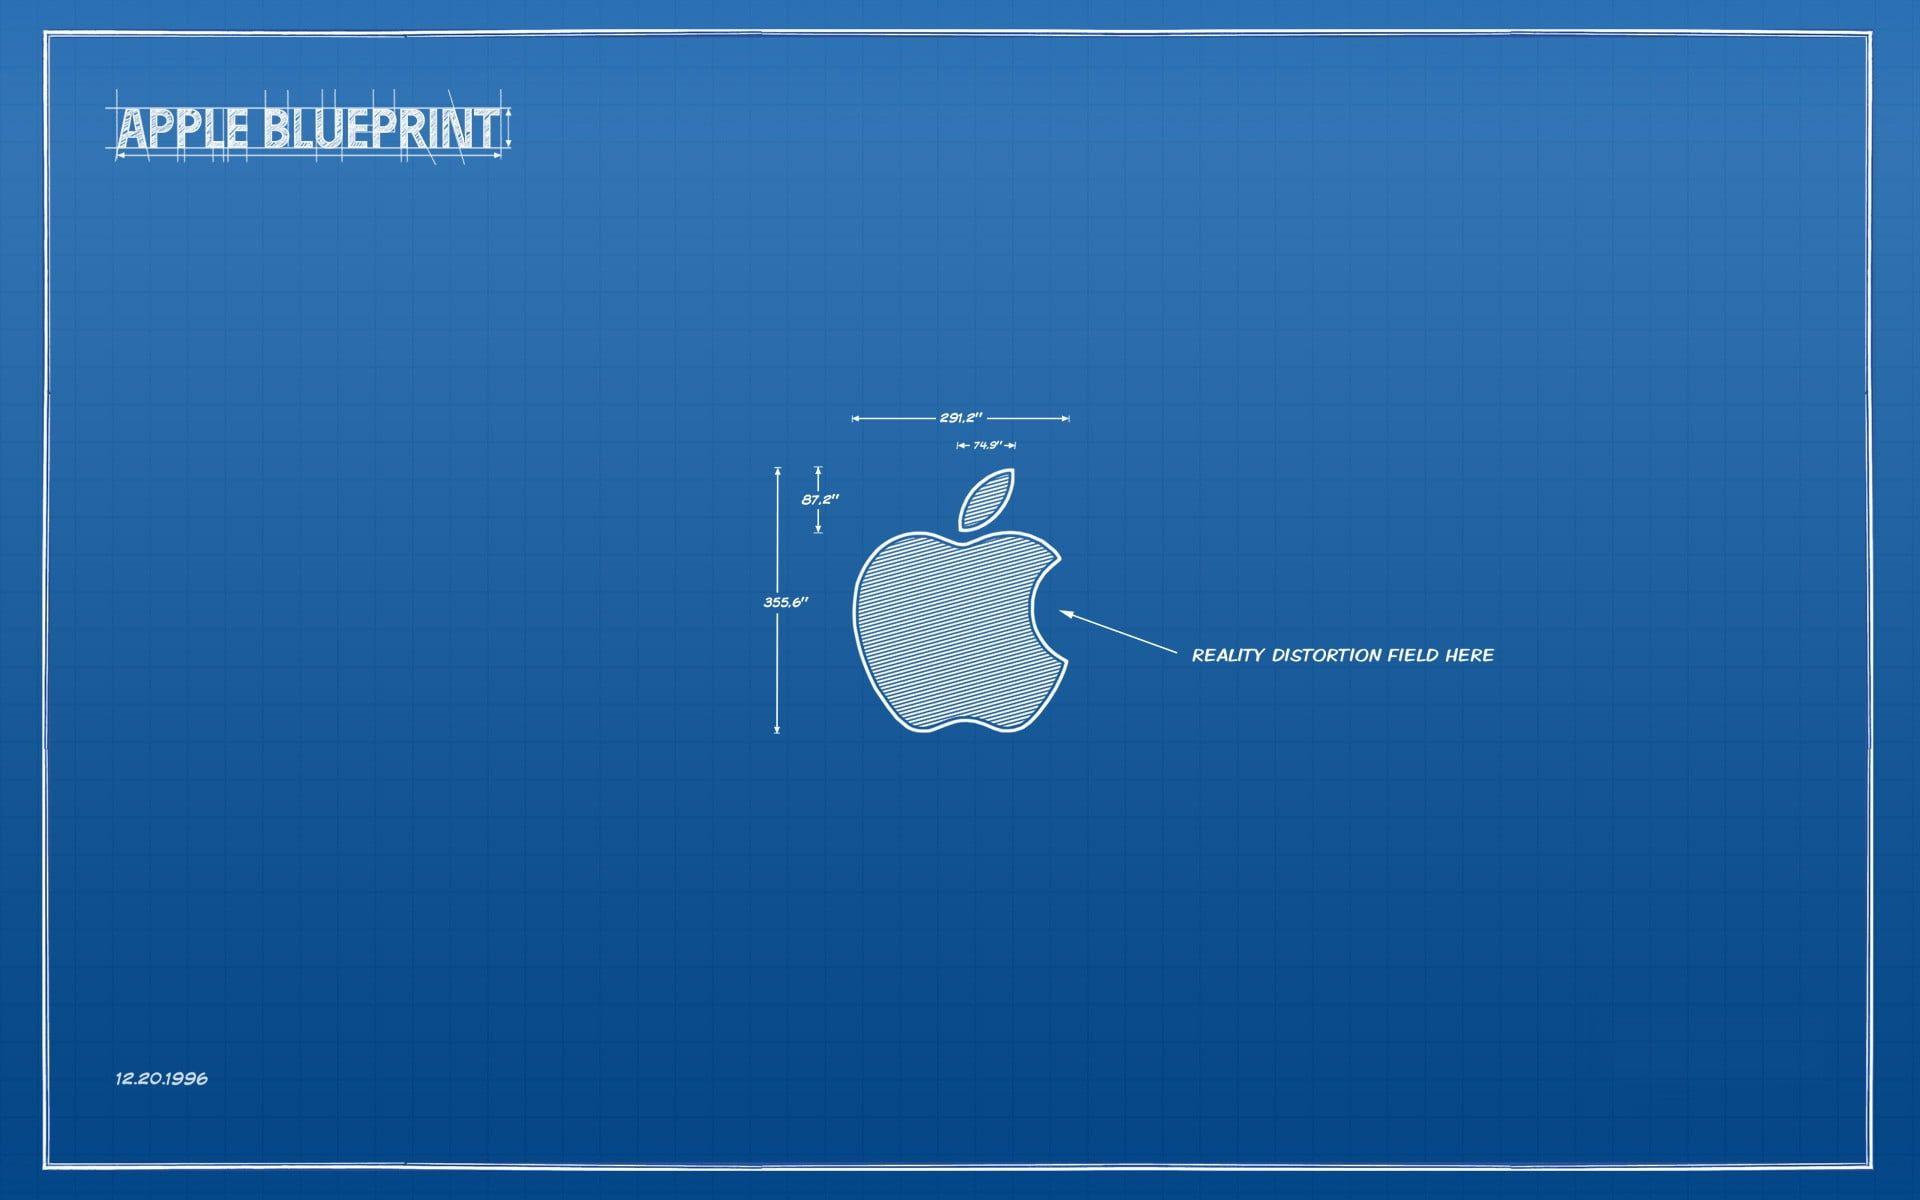 Apple Blueprint Apple Inc. technology humor minimalism